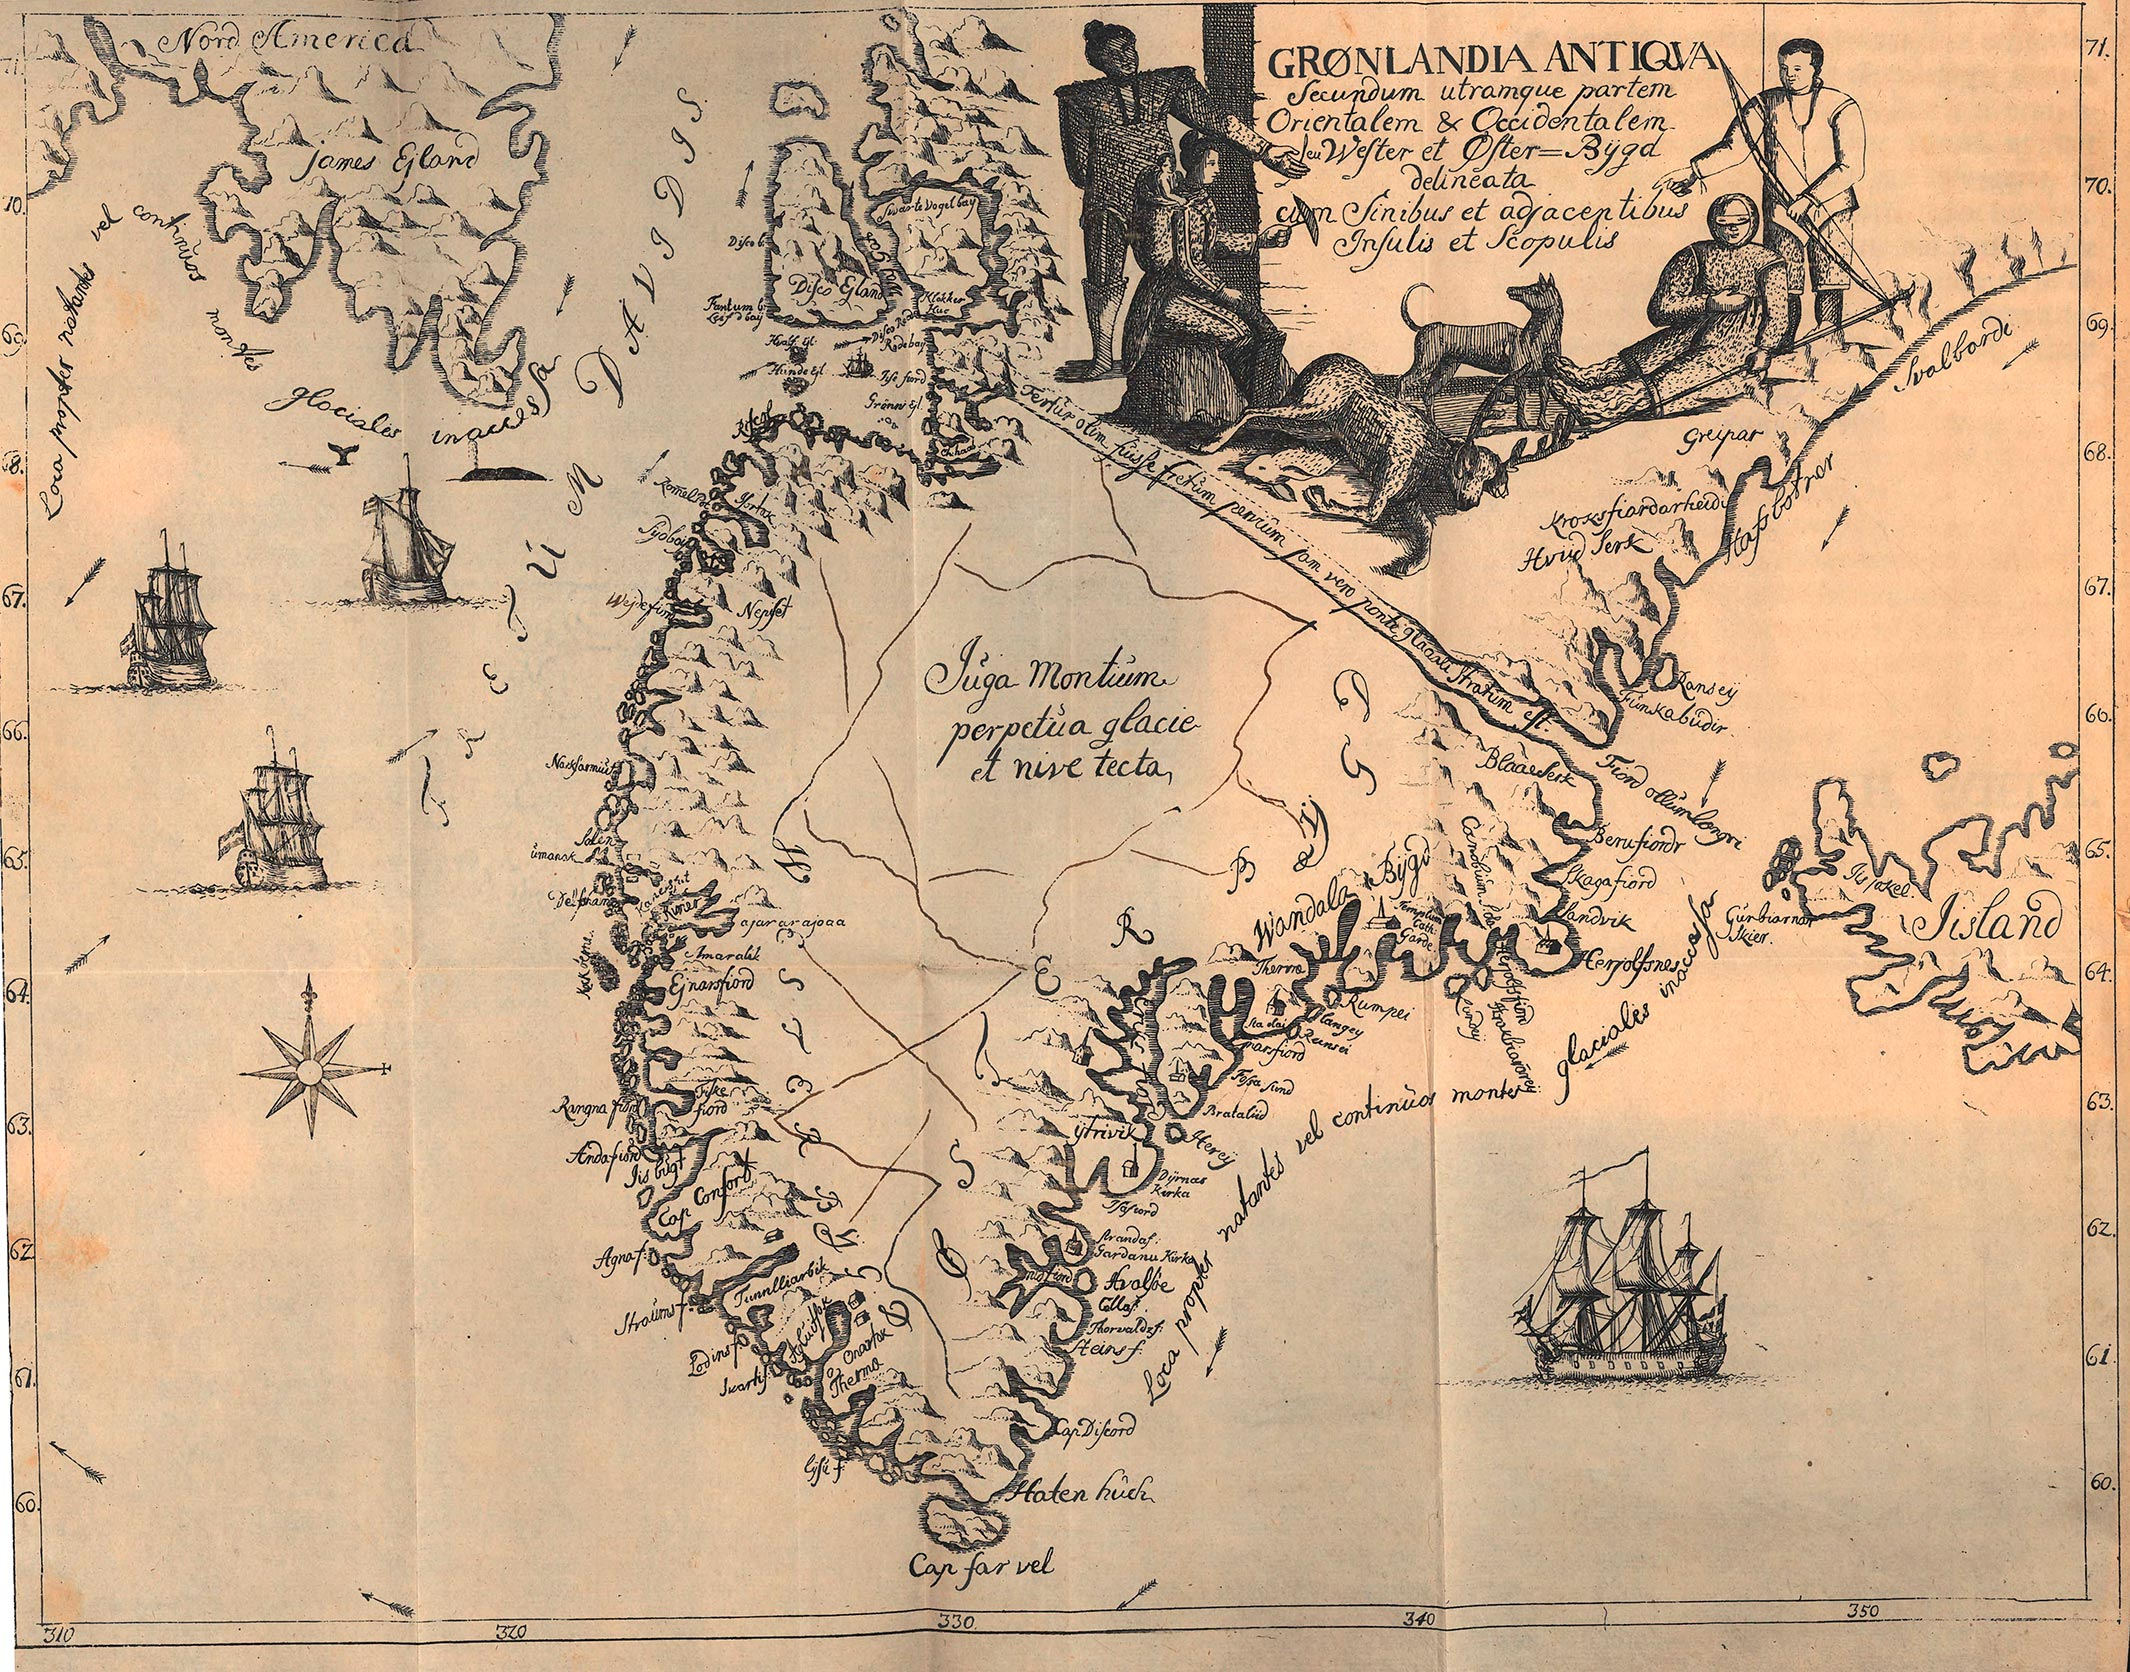 Gronlands Historie